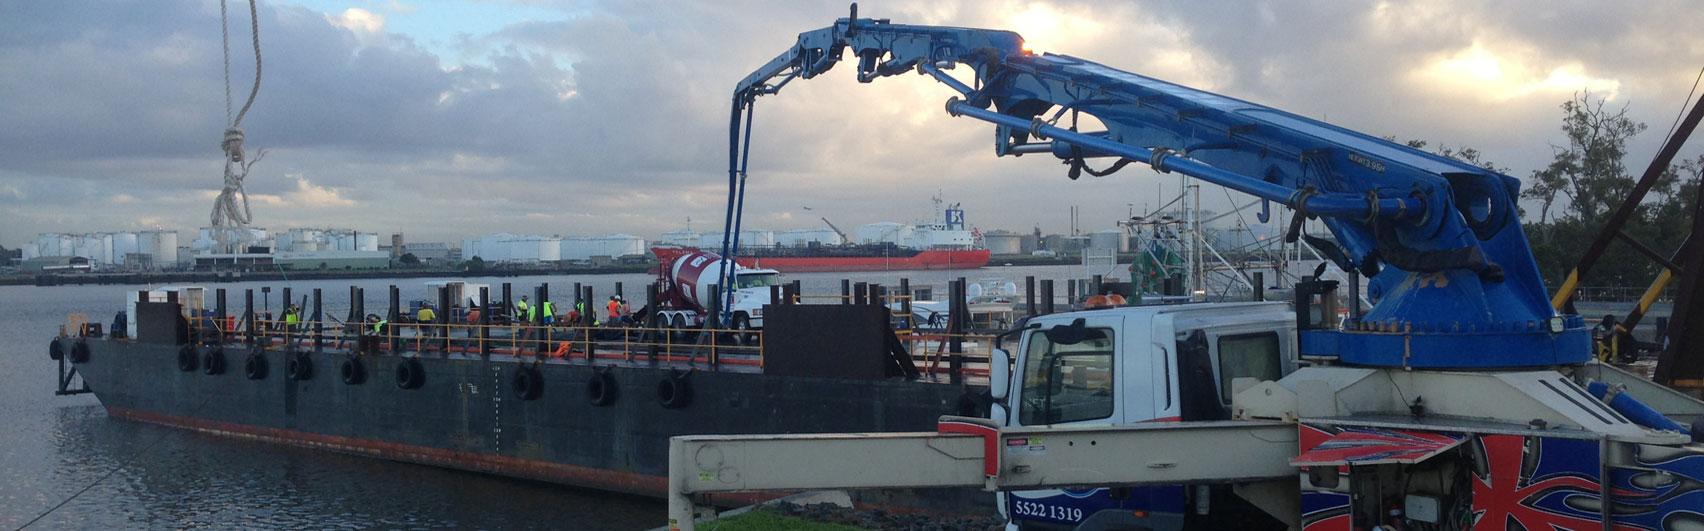 Concrete Pump Truck | Concrete Services | Gold Coast | Classic Concrete Pumping | New Slide 5